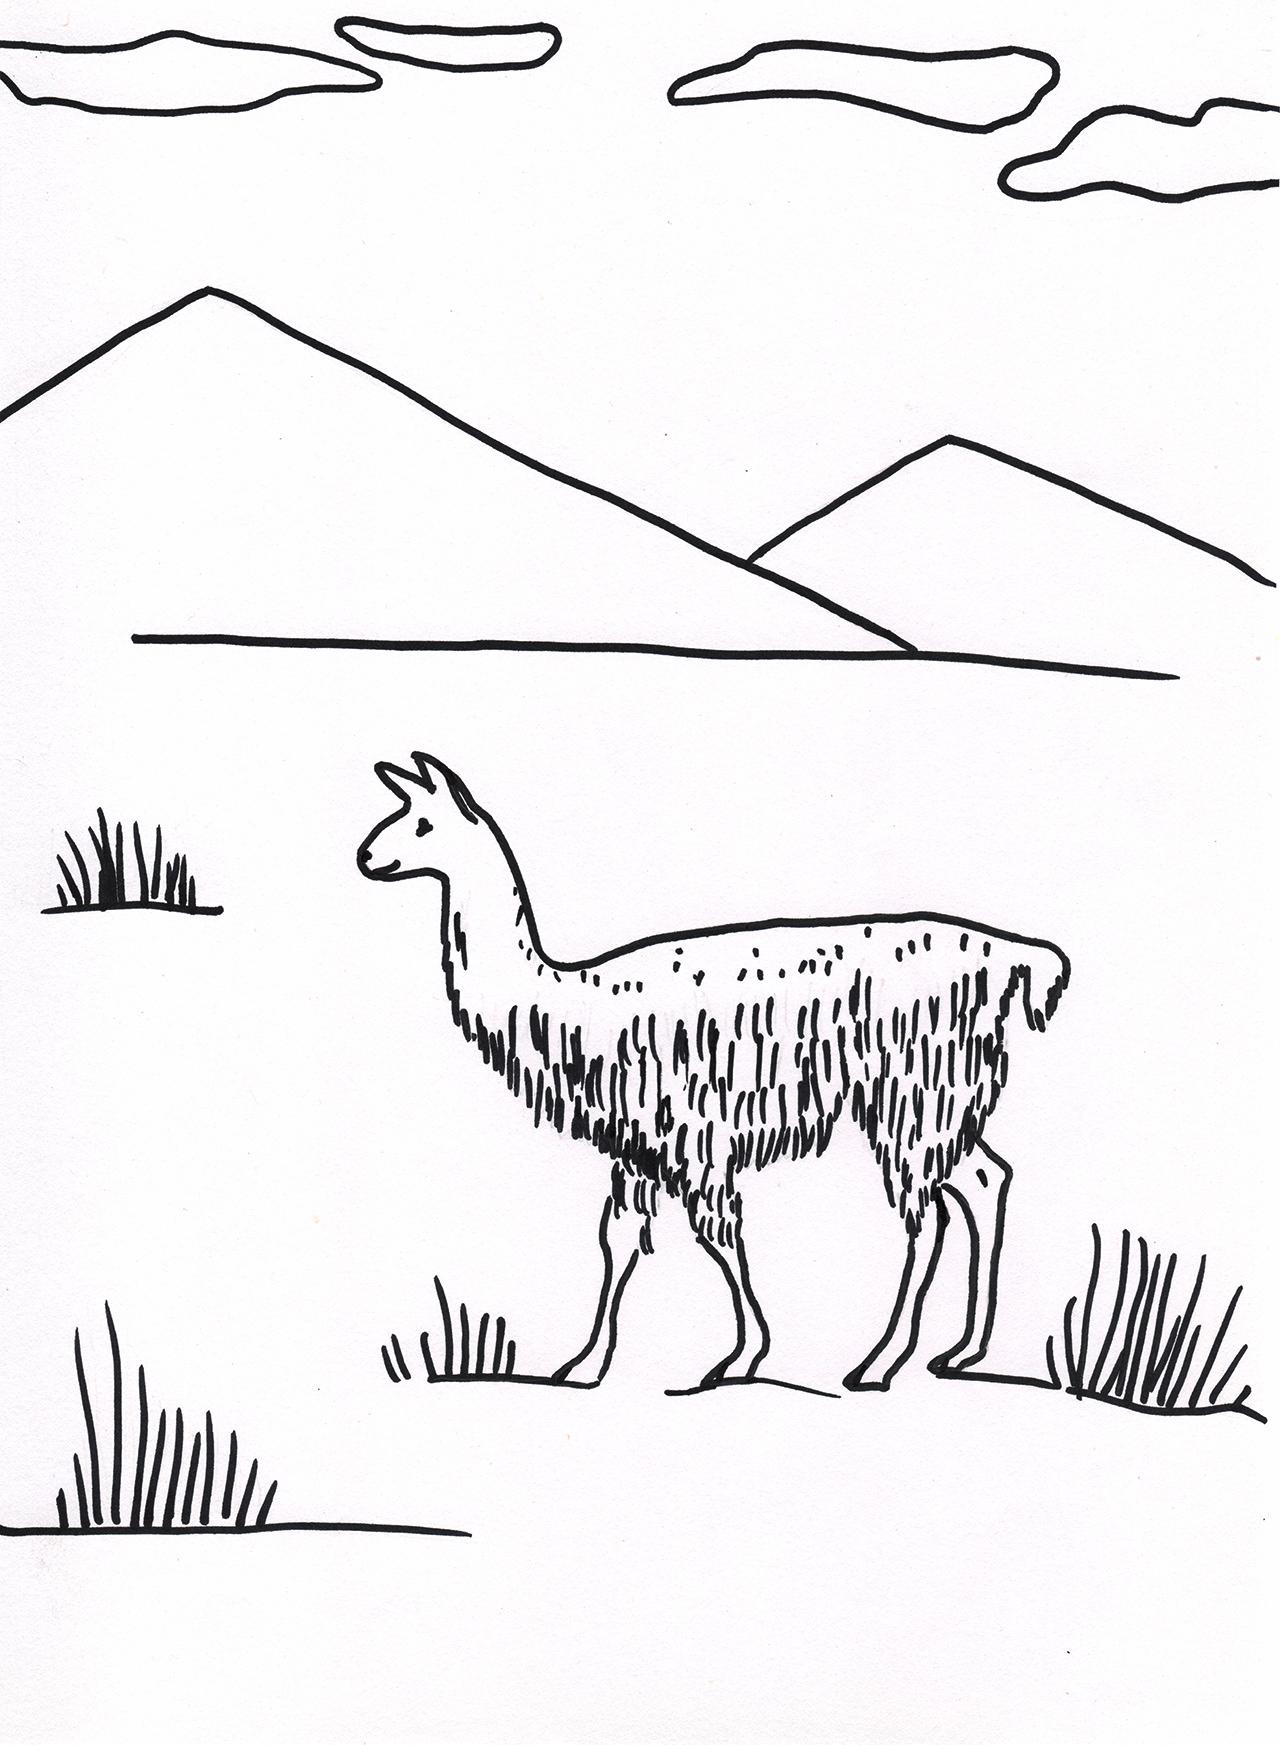 Lama zum ausmalen